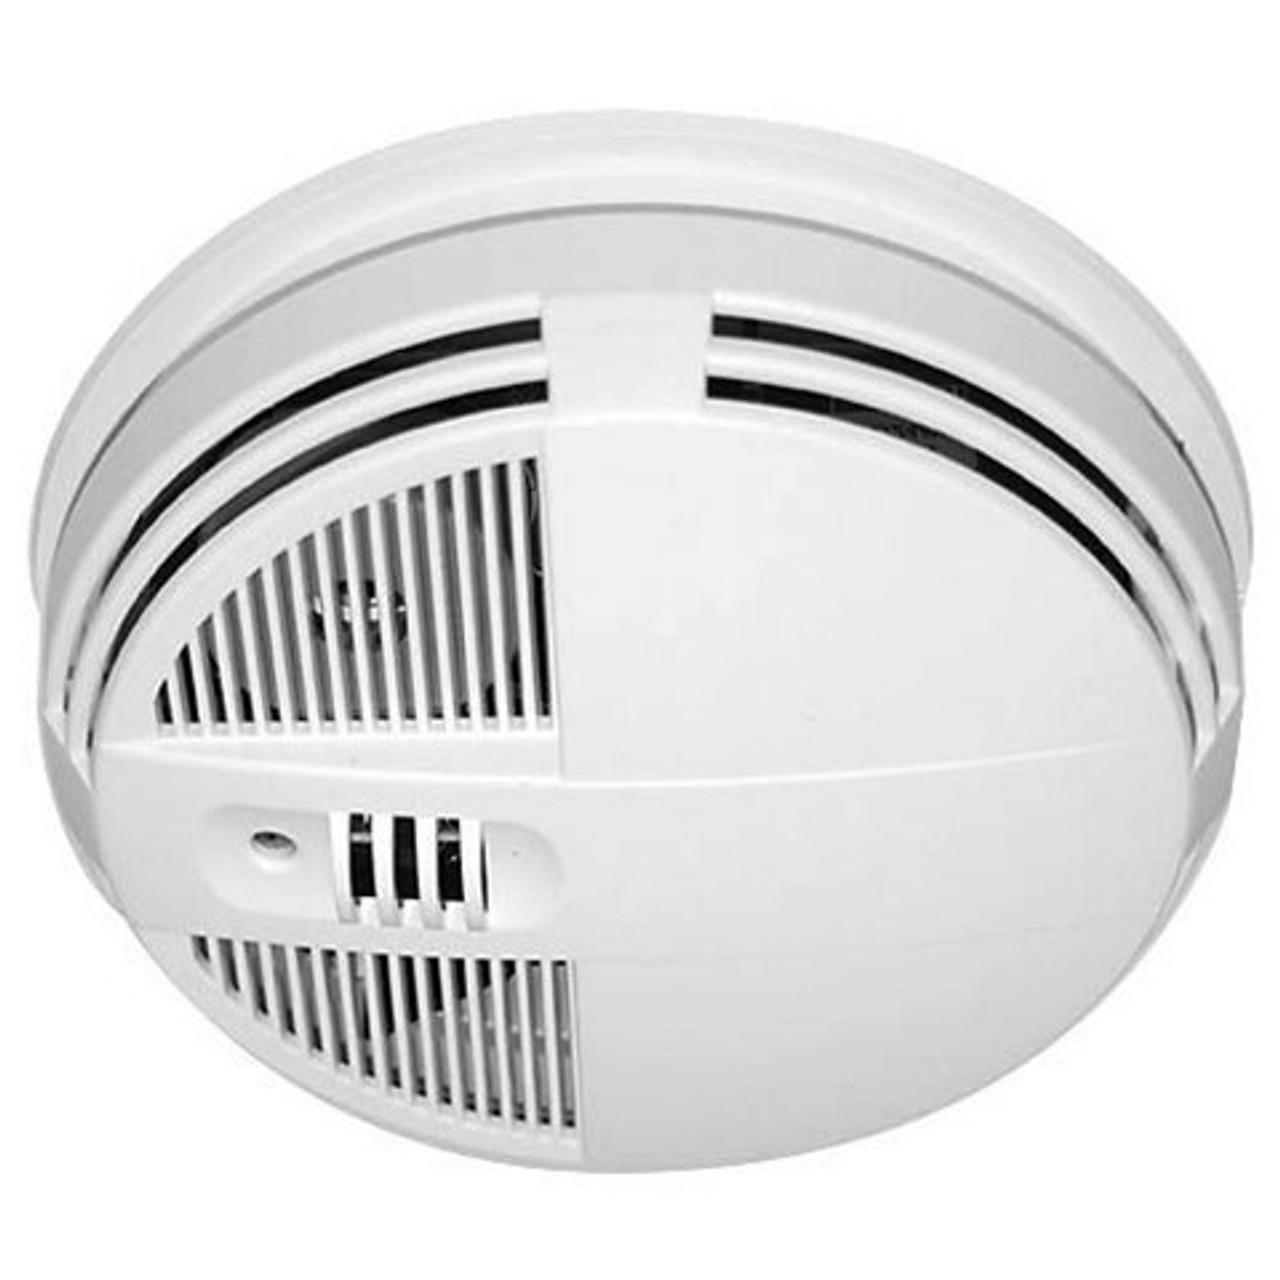 Smoke Detector Camera Sg7100wf Replaces Sc7100wf